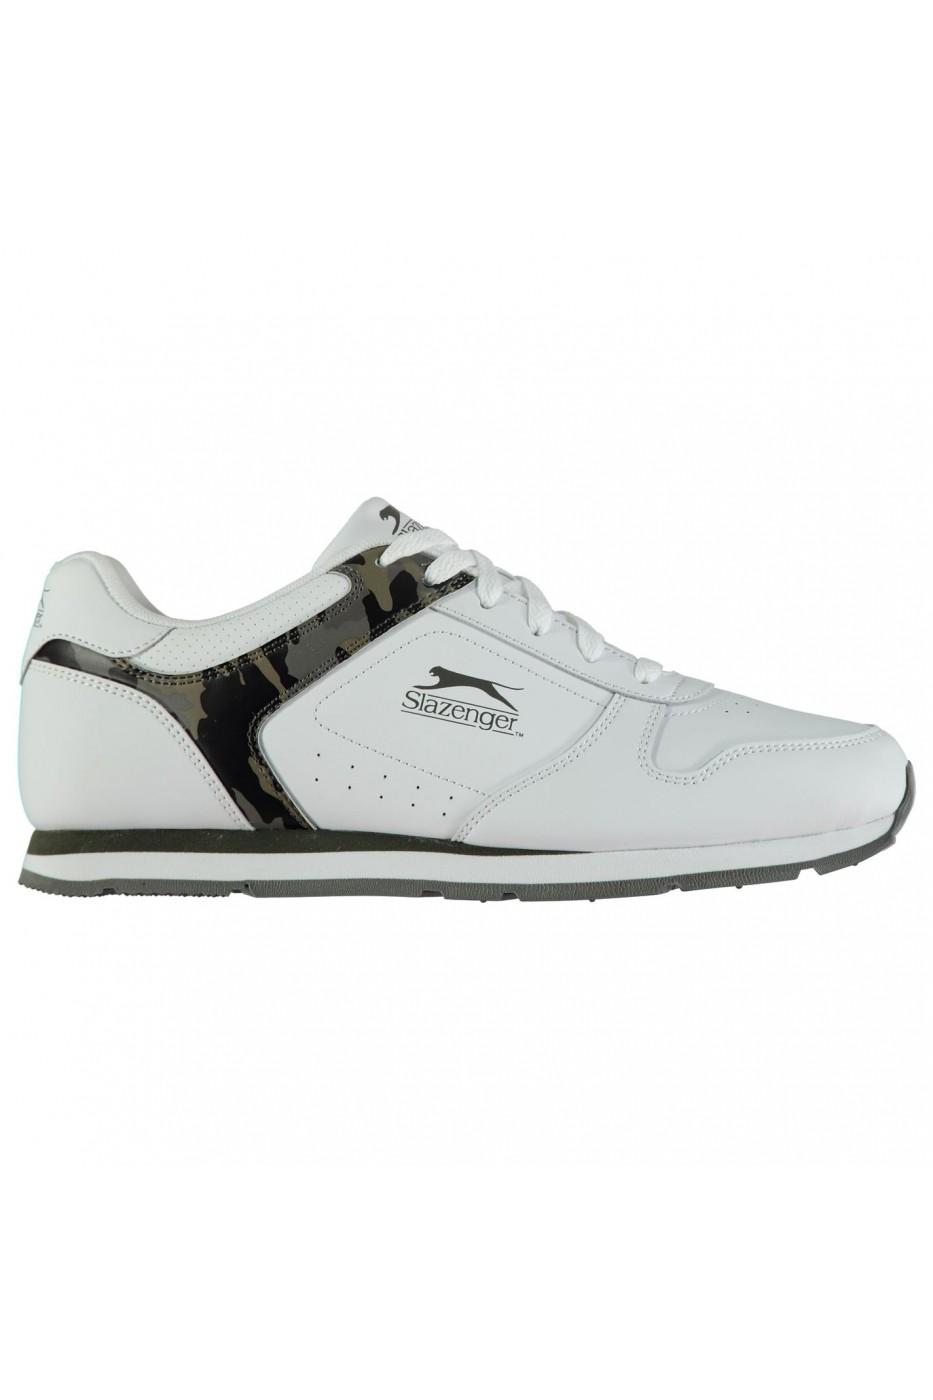 129e9964a59c Slazenger Sportcipő ARC-12005831 Fehér - FashionUP!